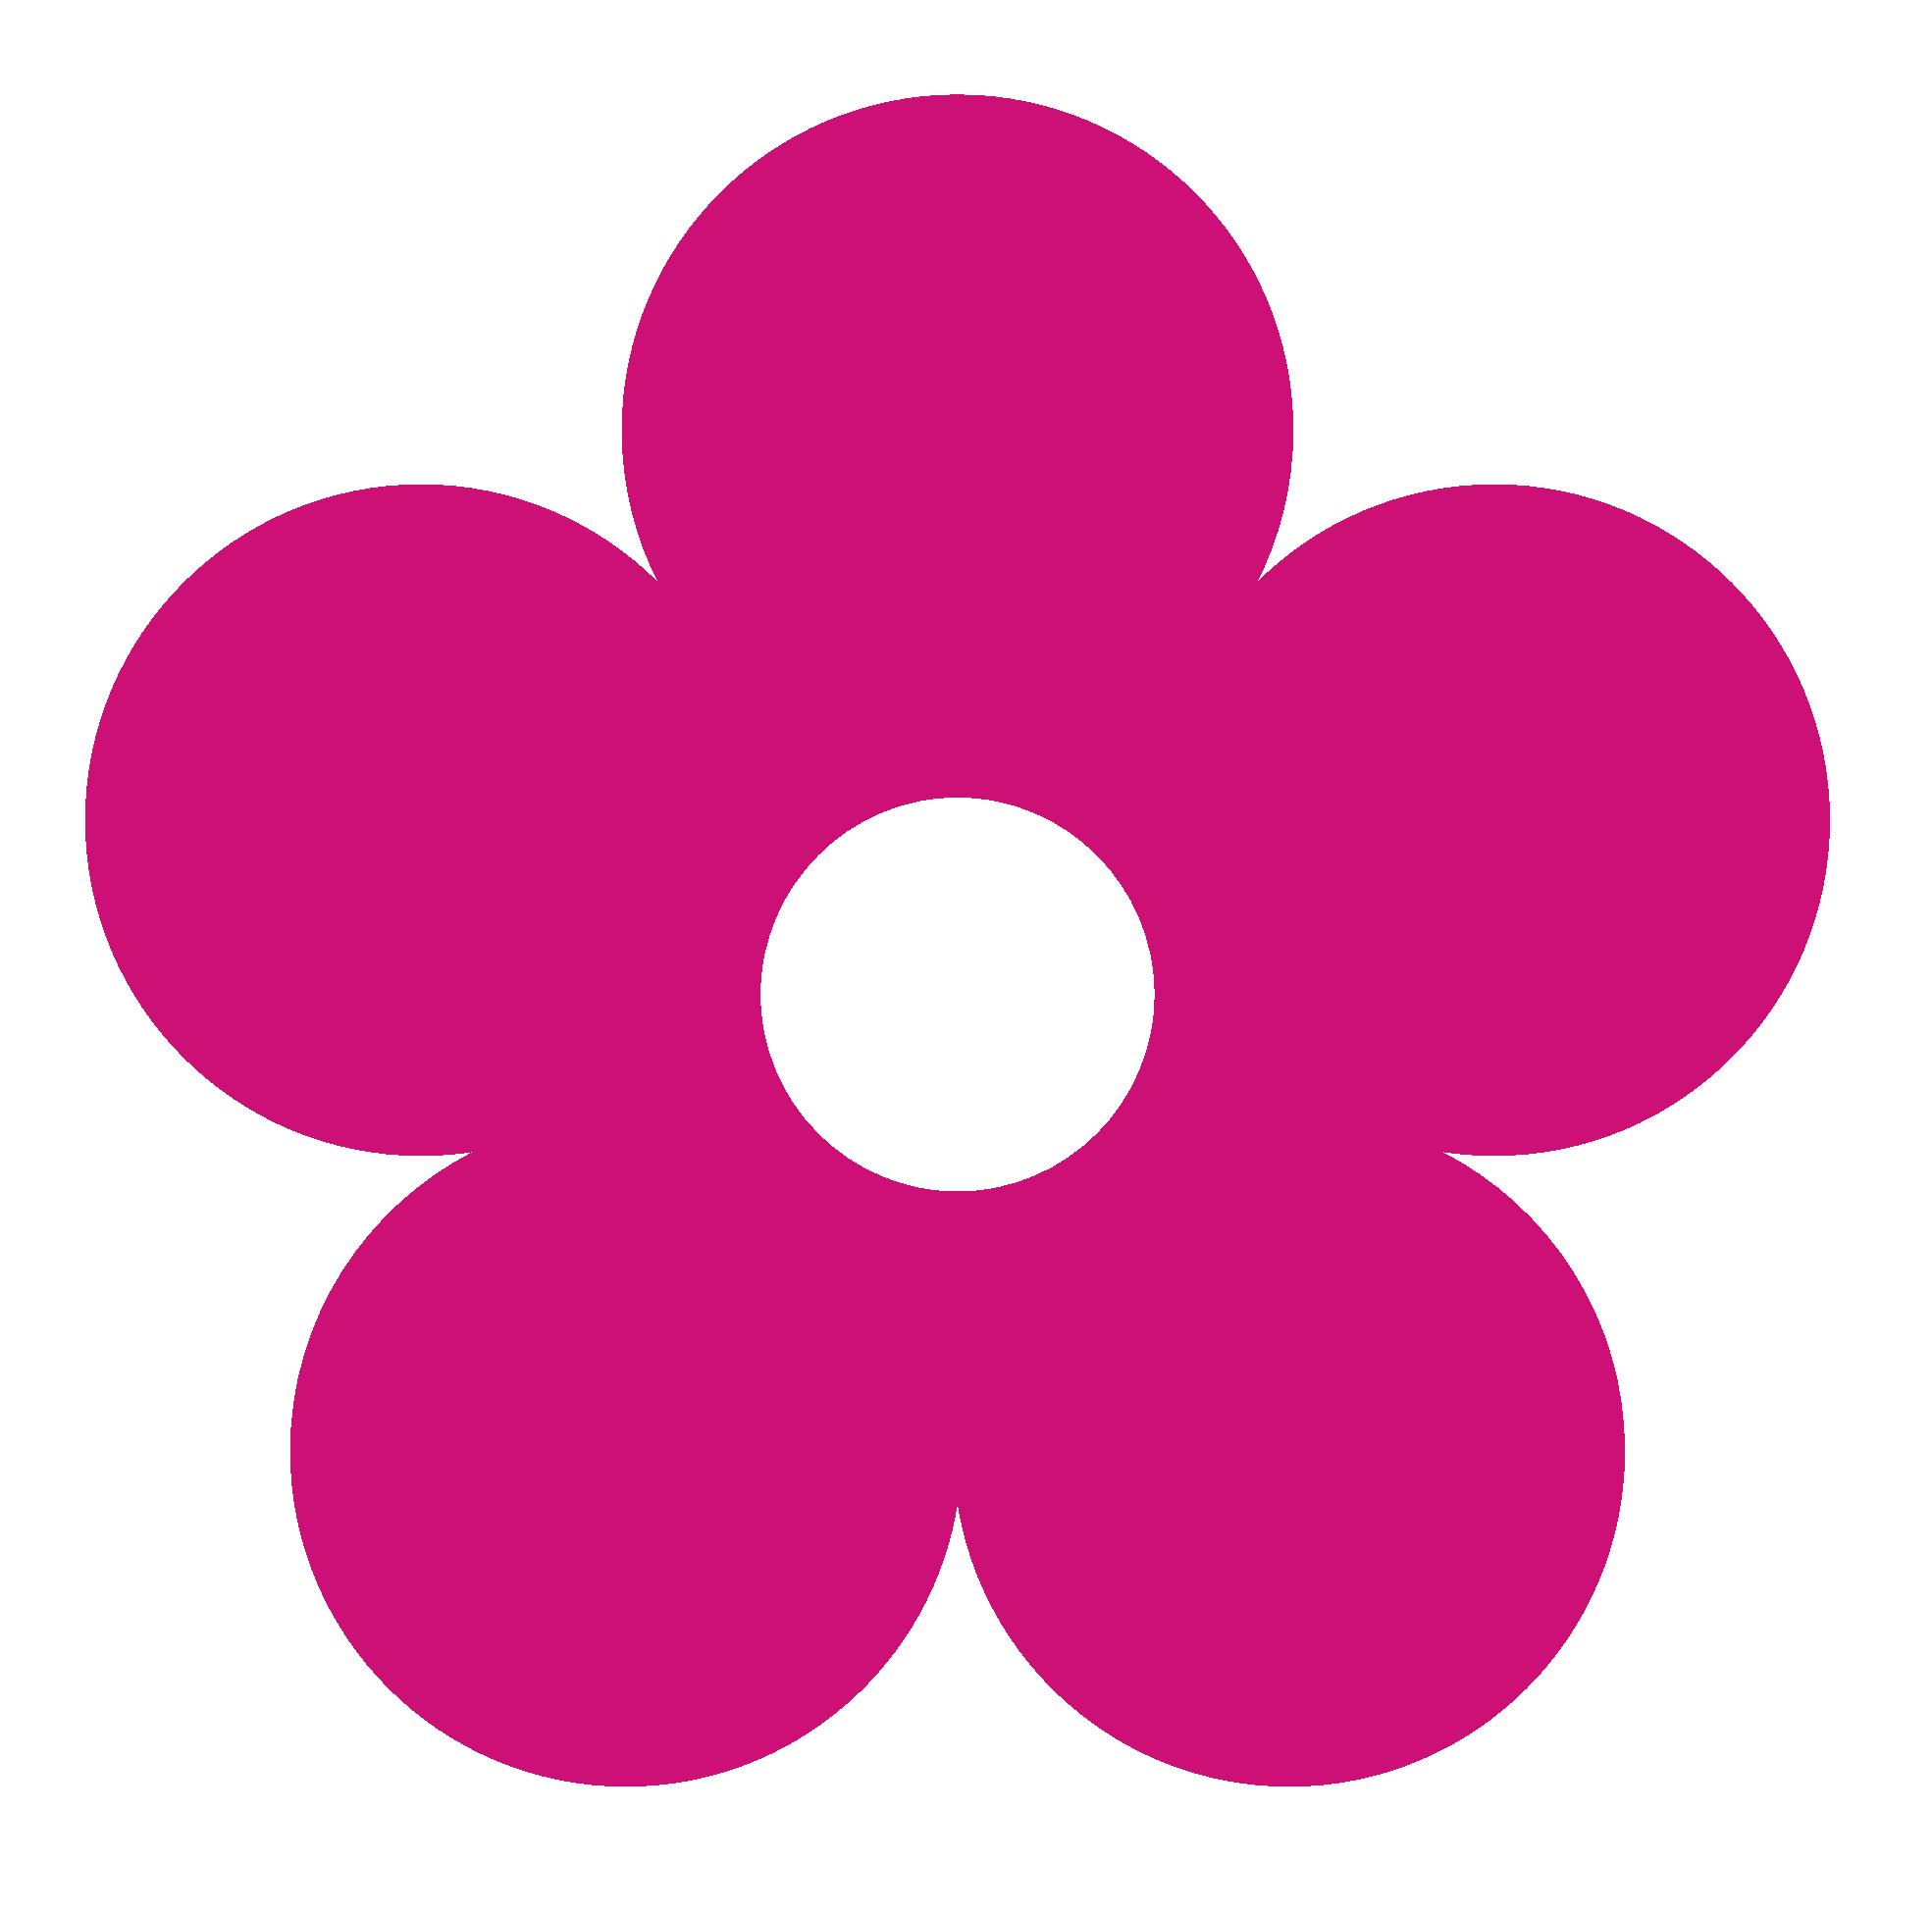 Pink Flower Clip Art ClipArt.